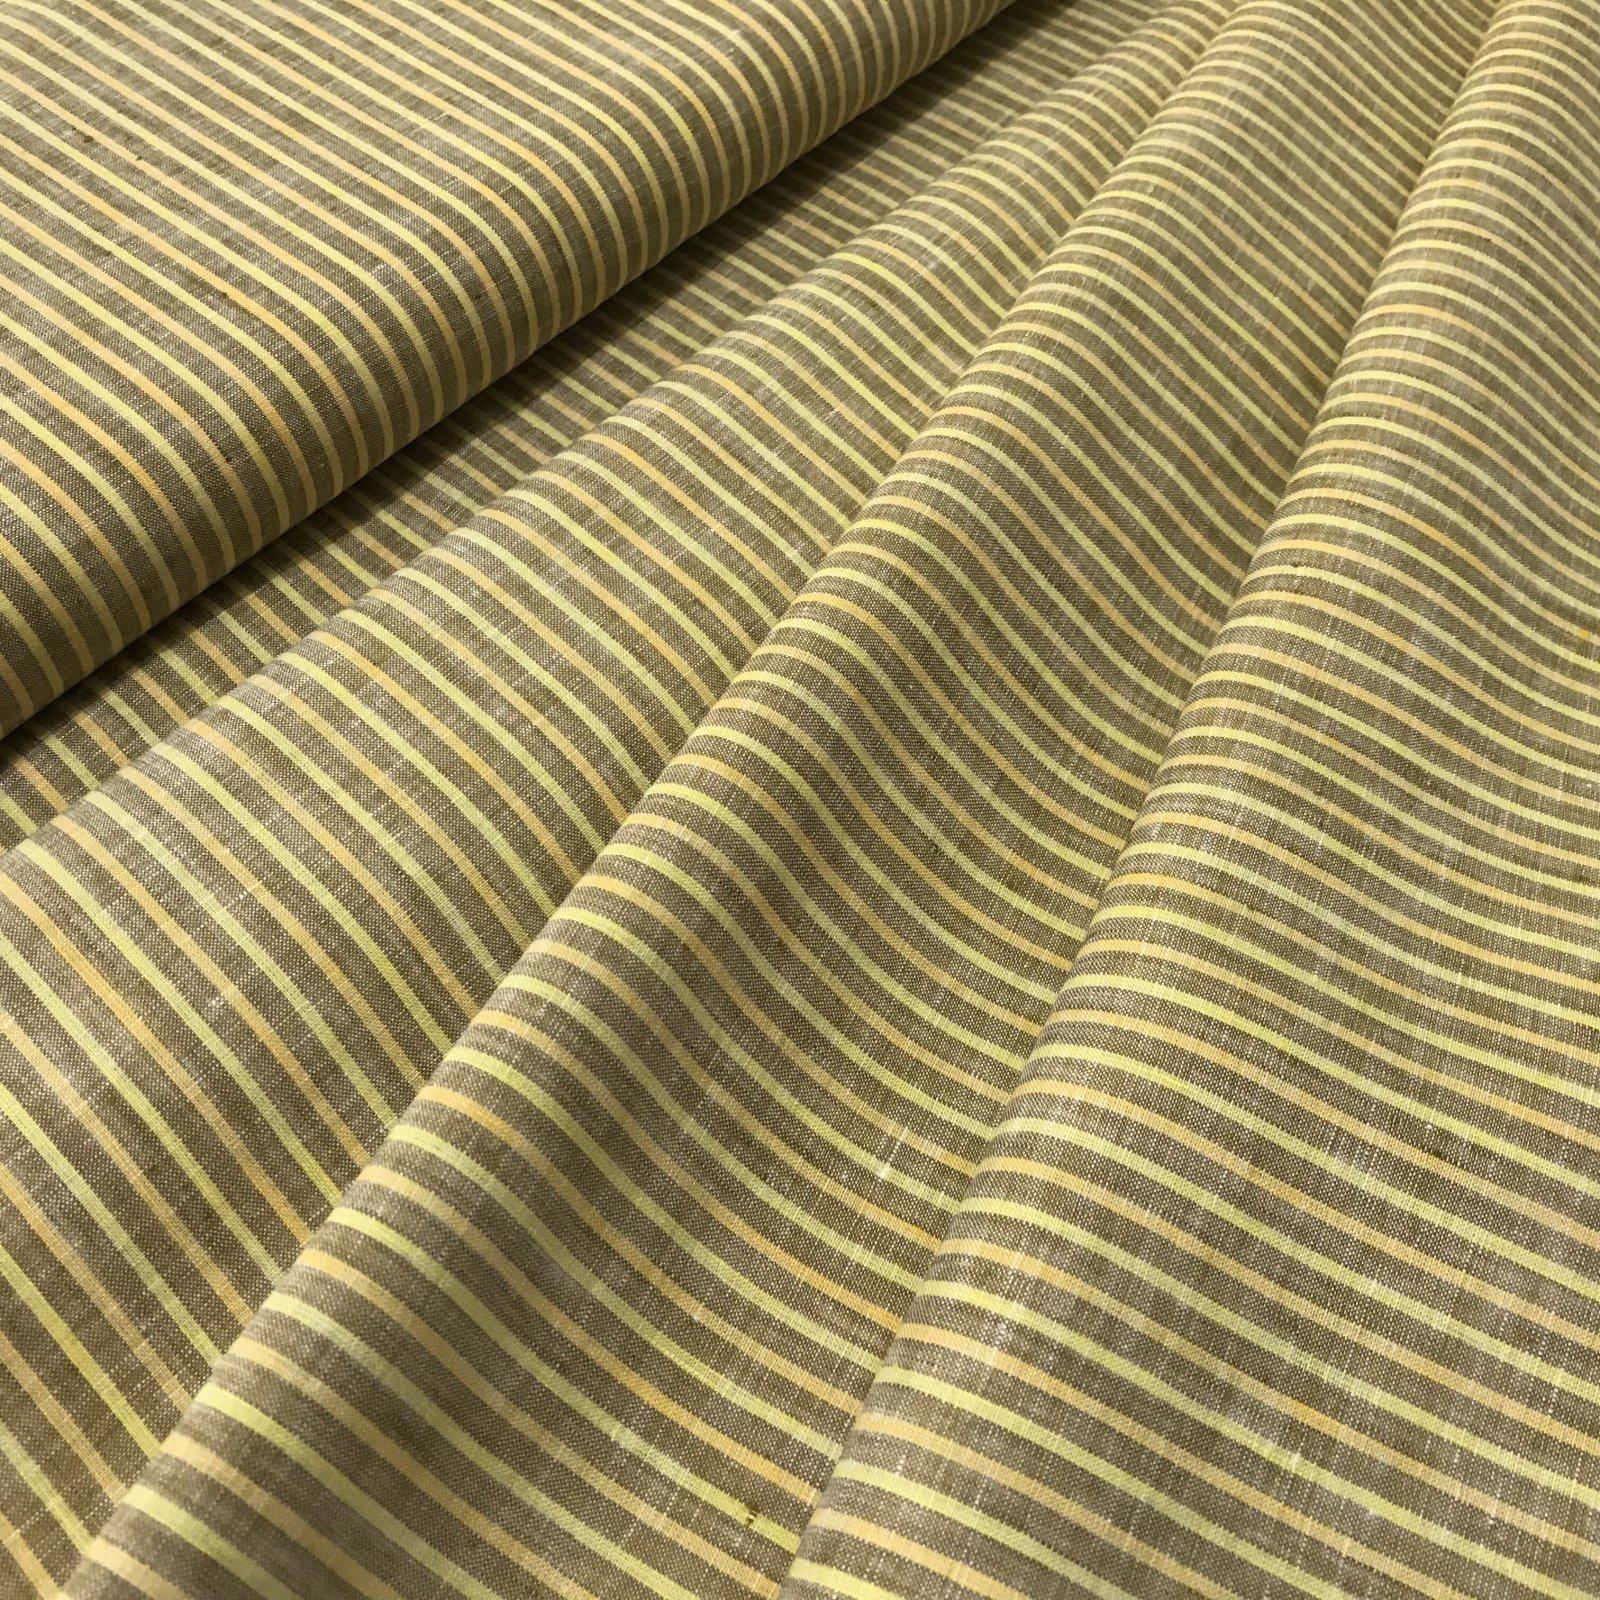 Linen - Yellow & Tan Stripes